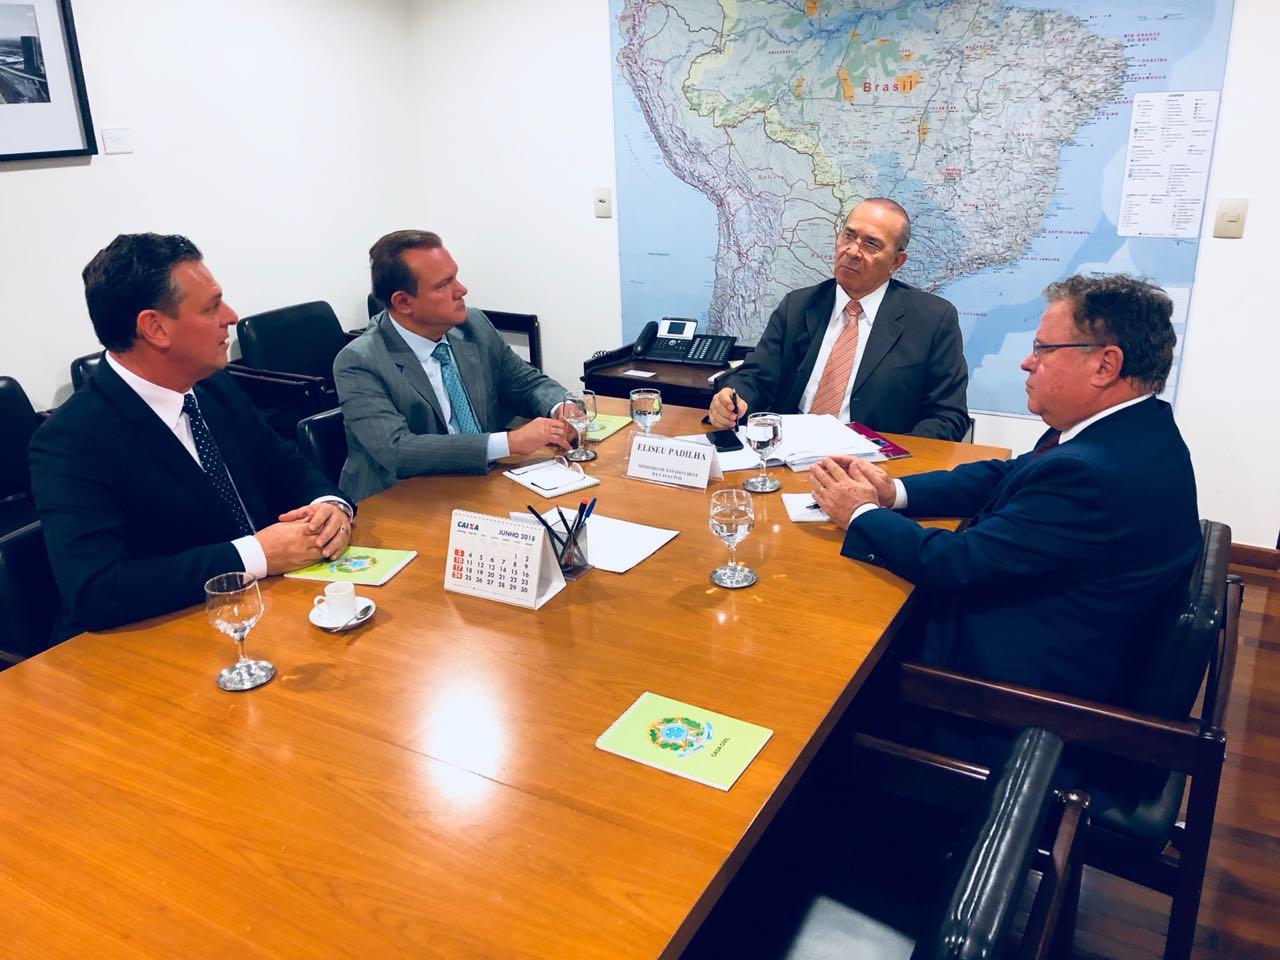 Projeto que prevê ferrovia em Mato Grosso deve ser votado nesta 3ª feira